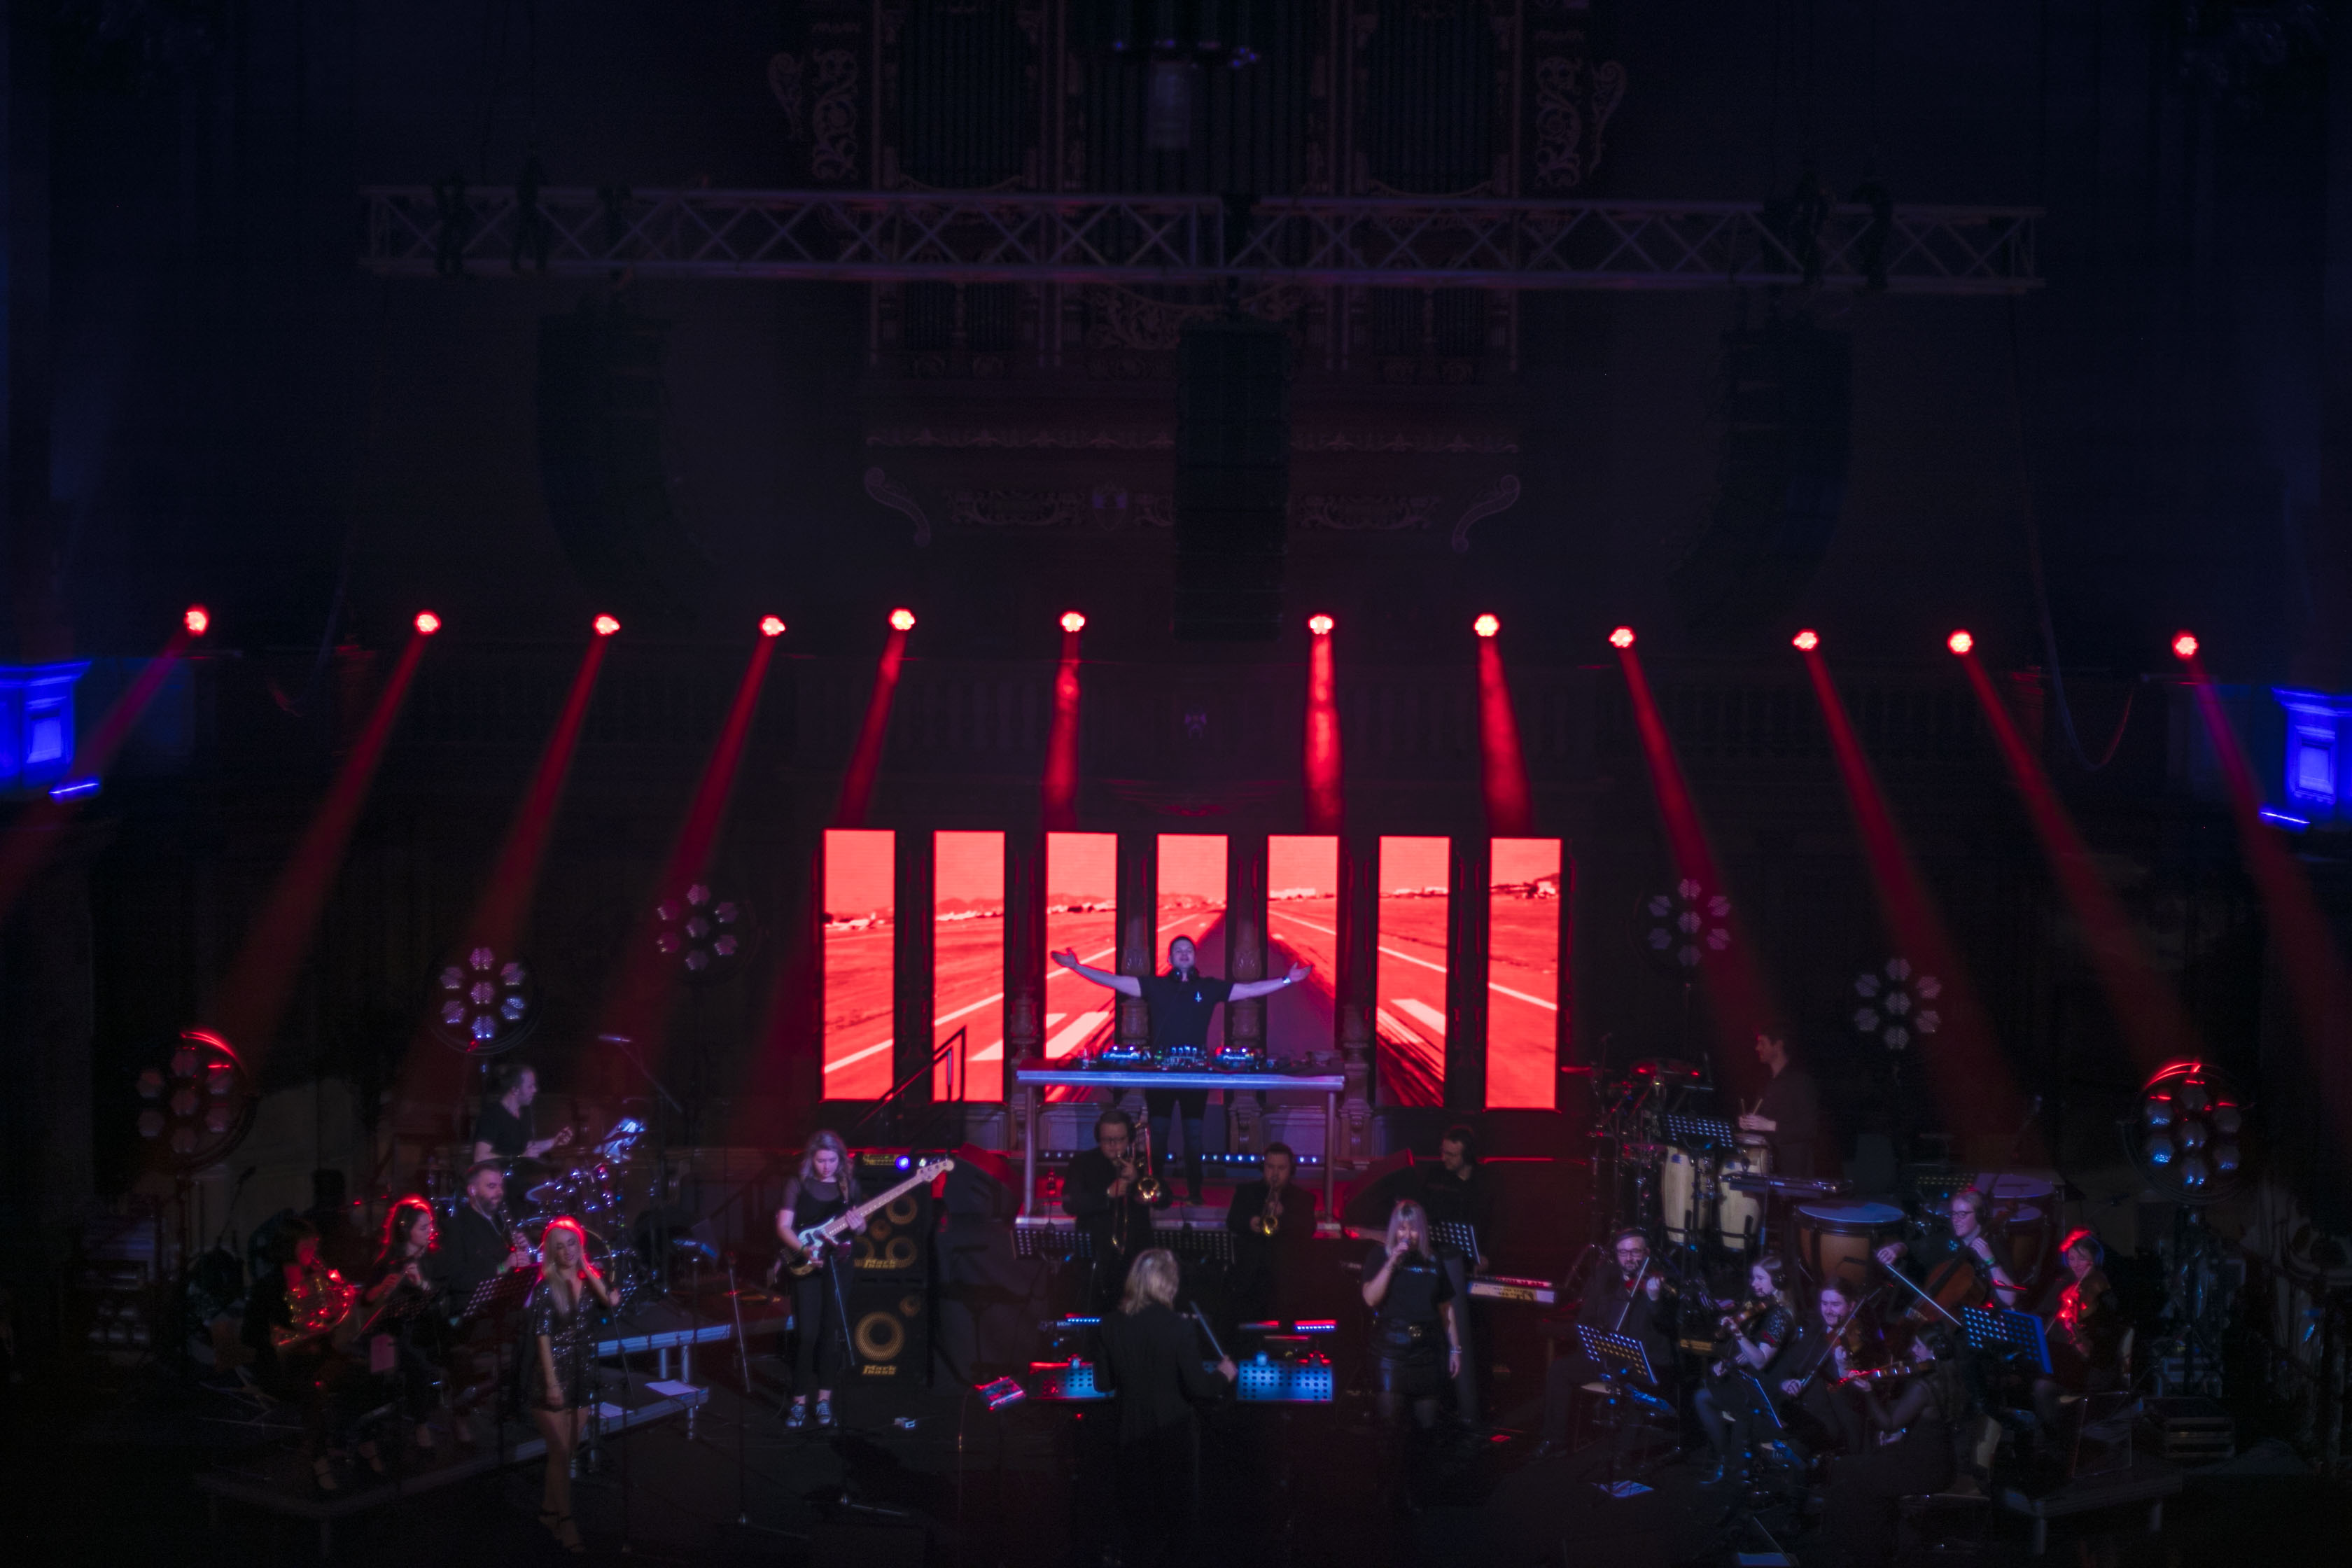 Live visuals for Symphonic Ibiza for Edi